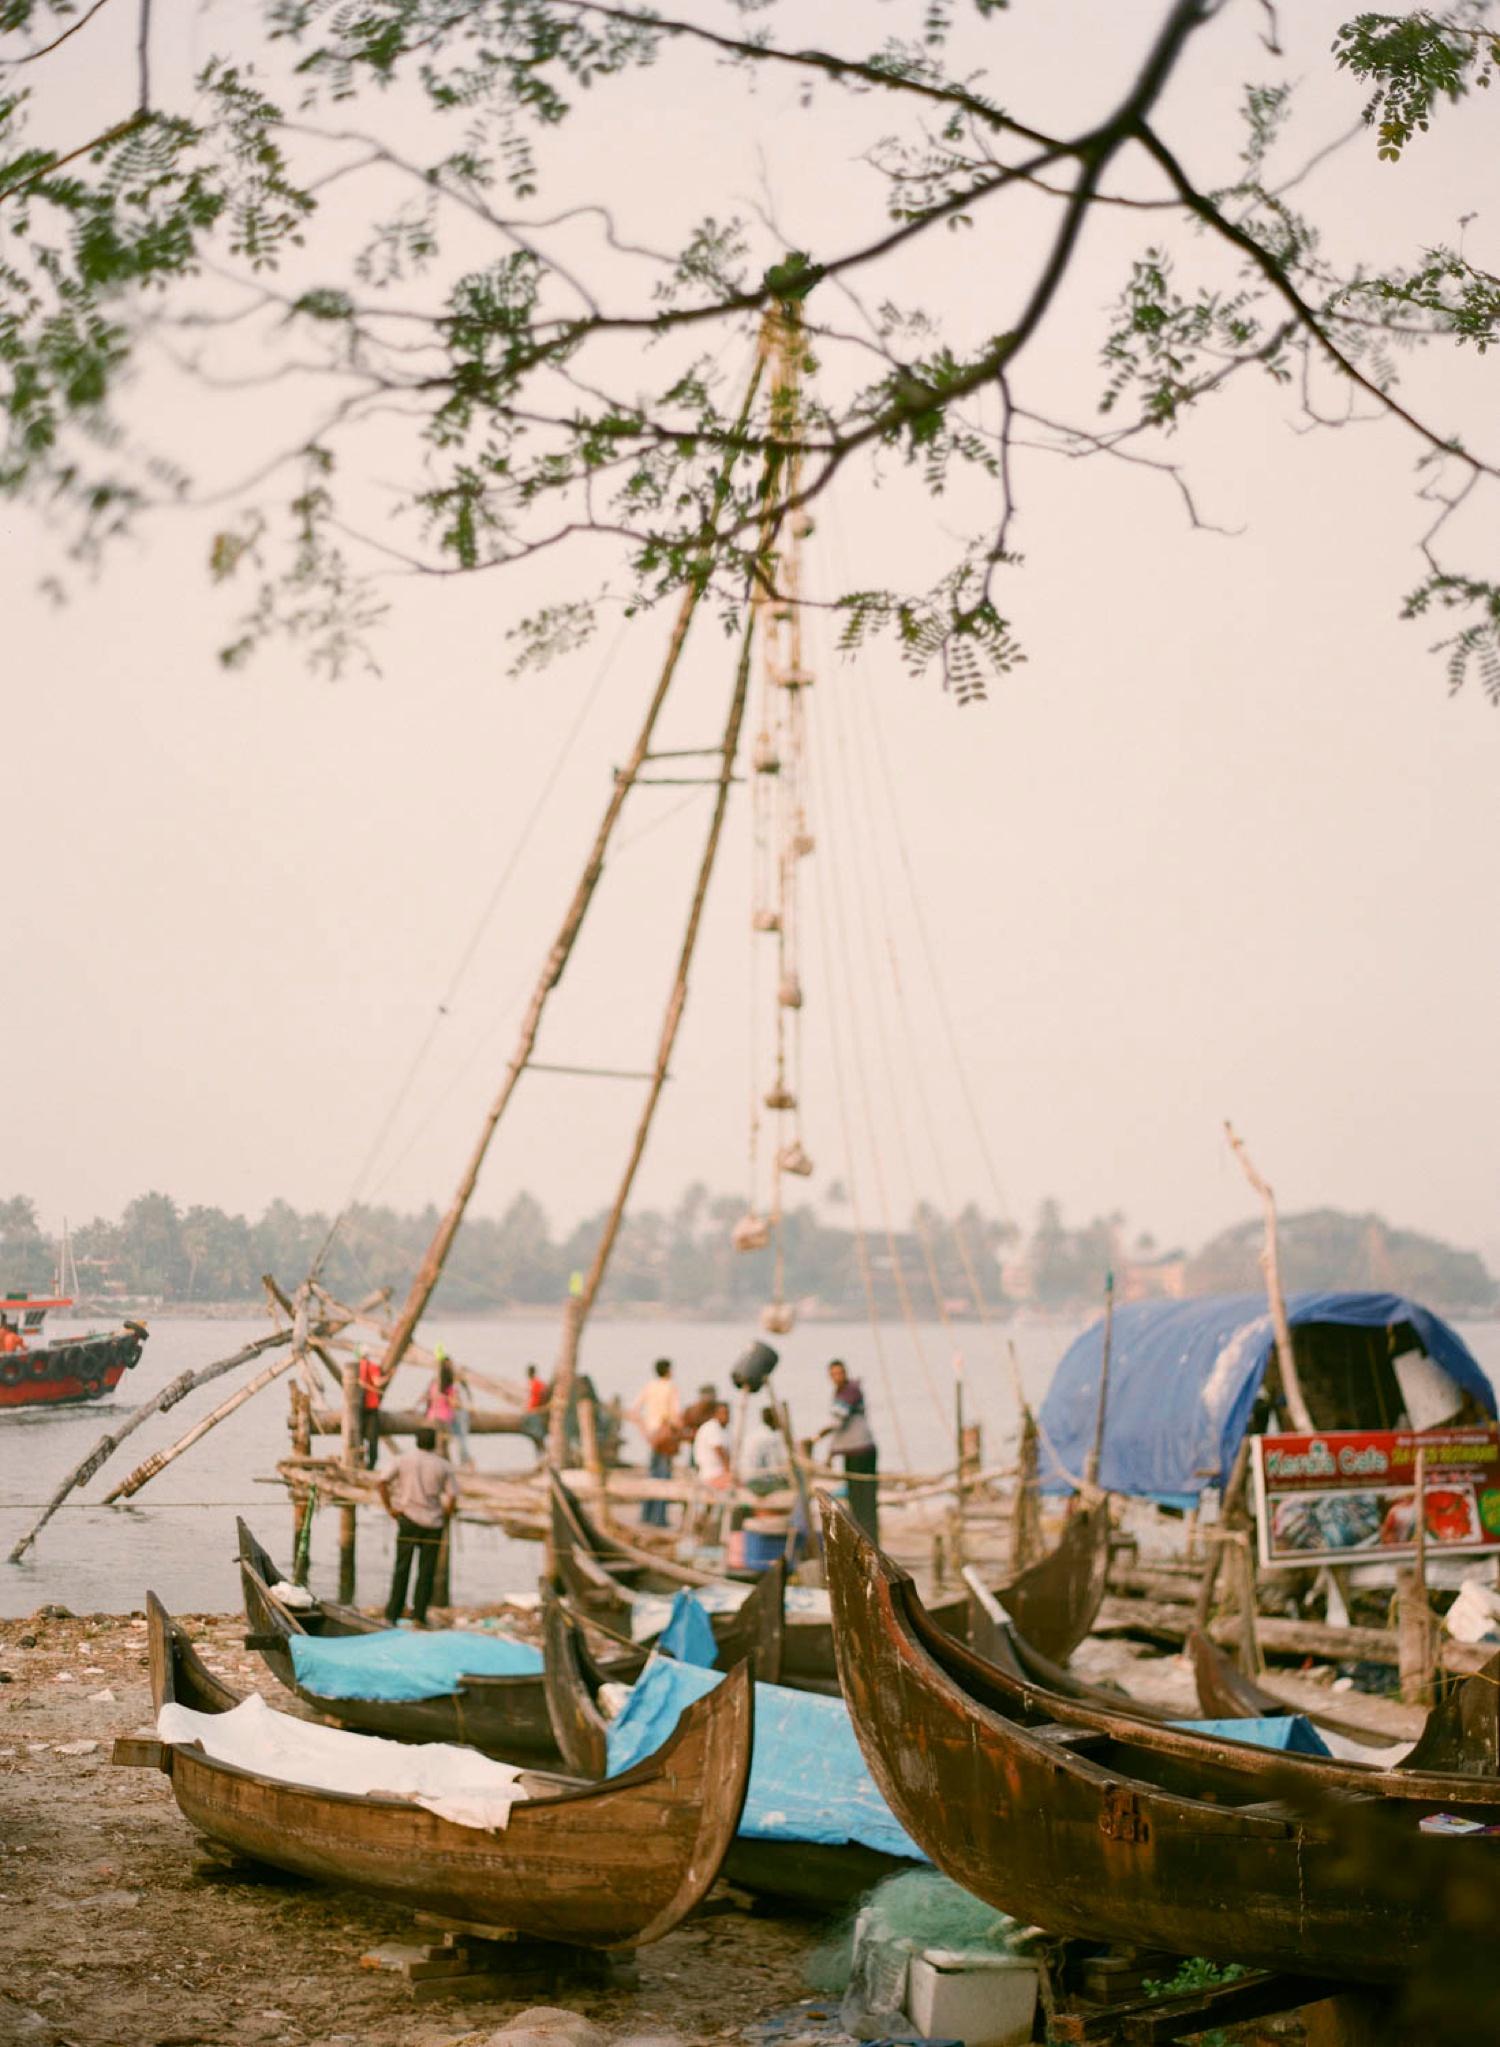 cochin-fishing-boats